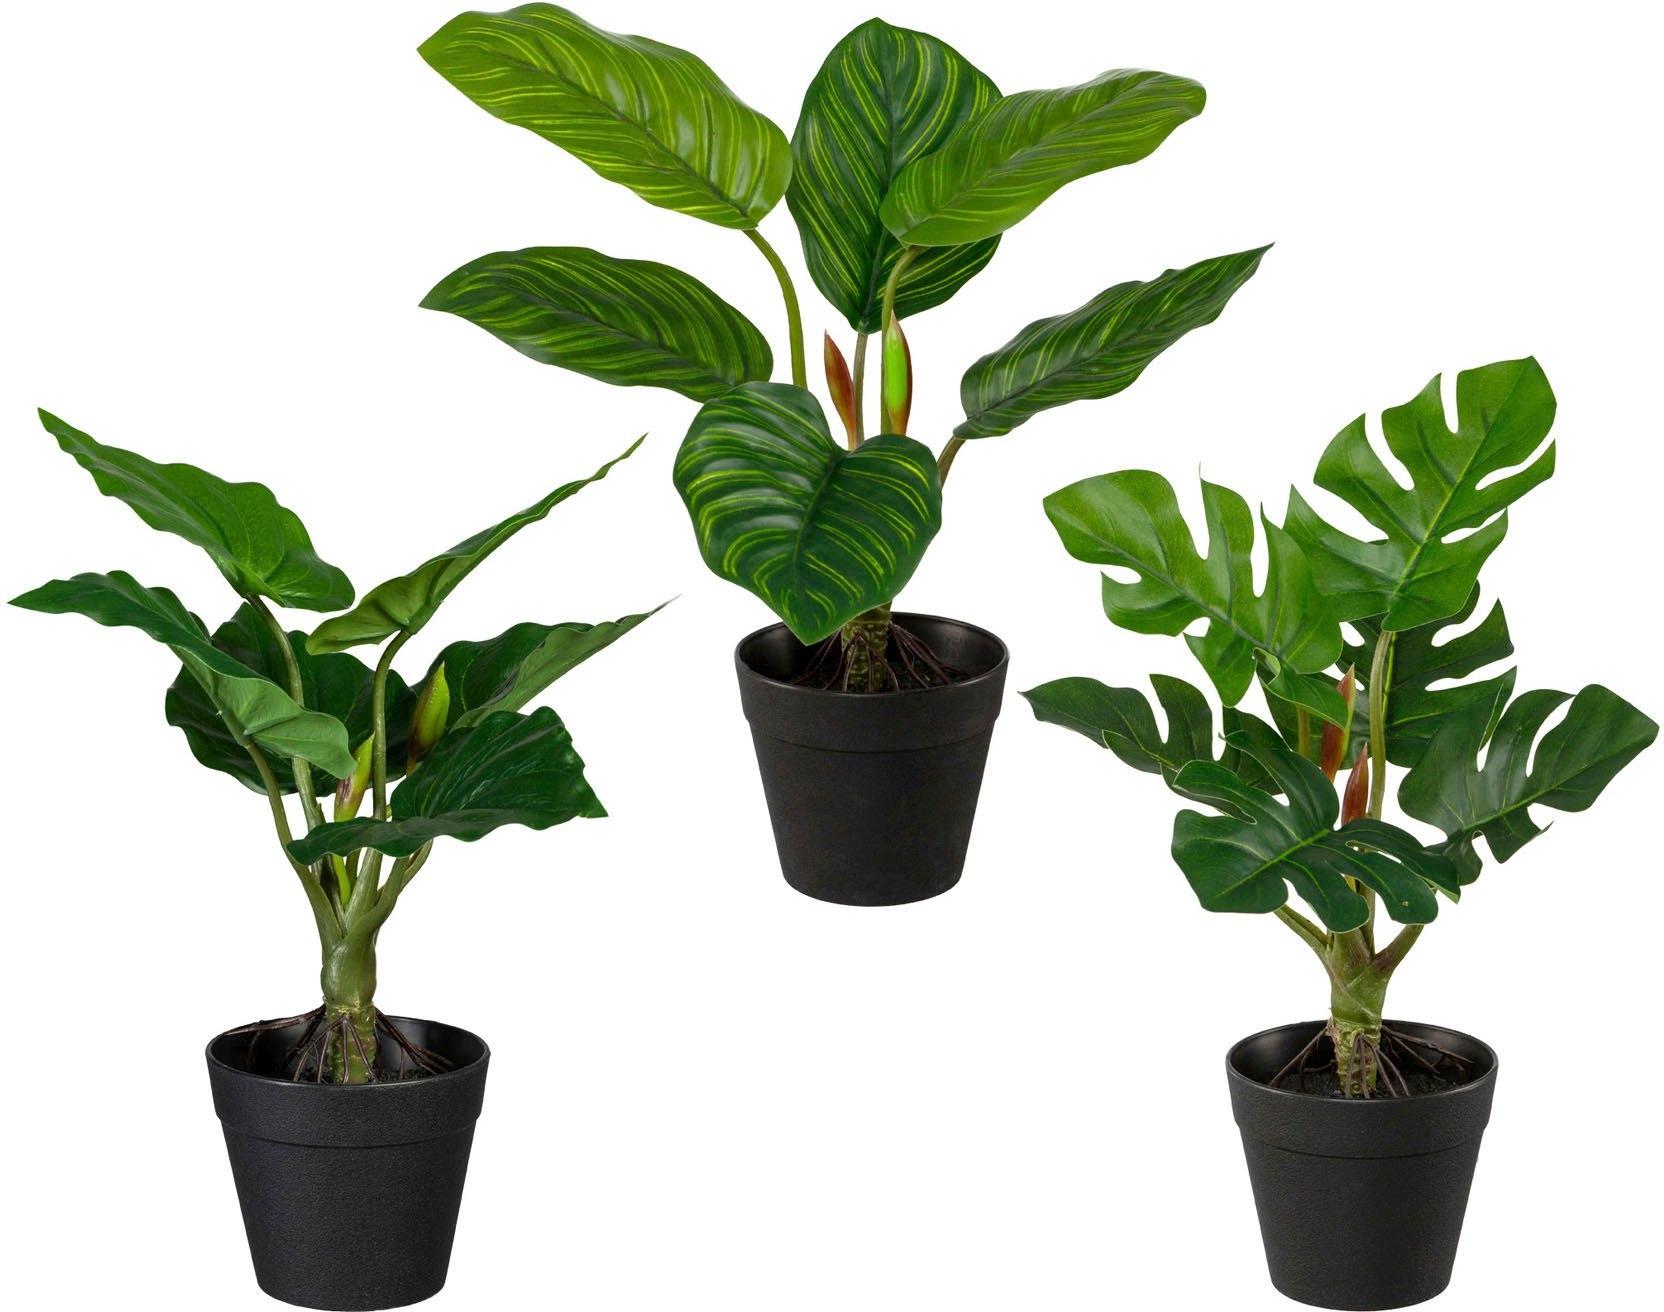 Creativ green kunst-potplanten Set van groene planten set van 3 (3 stuks) bestellen: 30 dagen bedenktijd